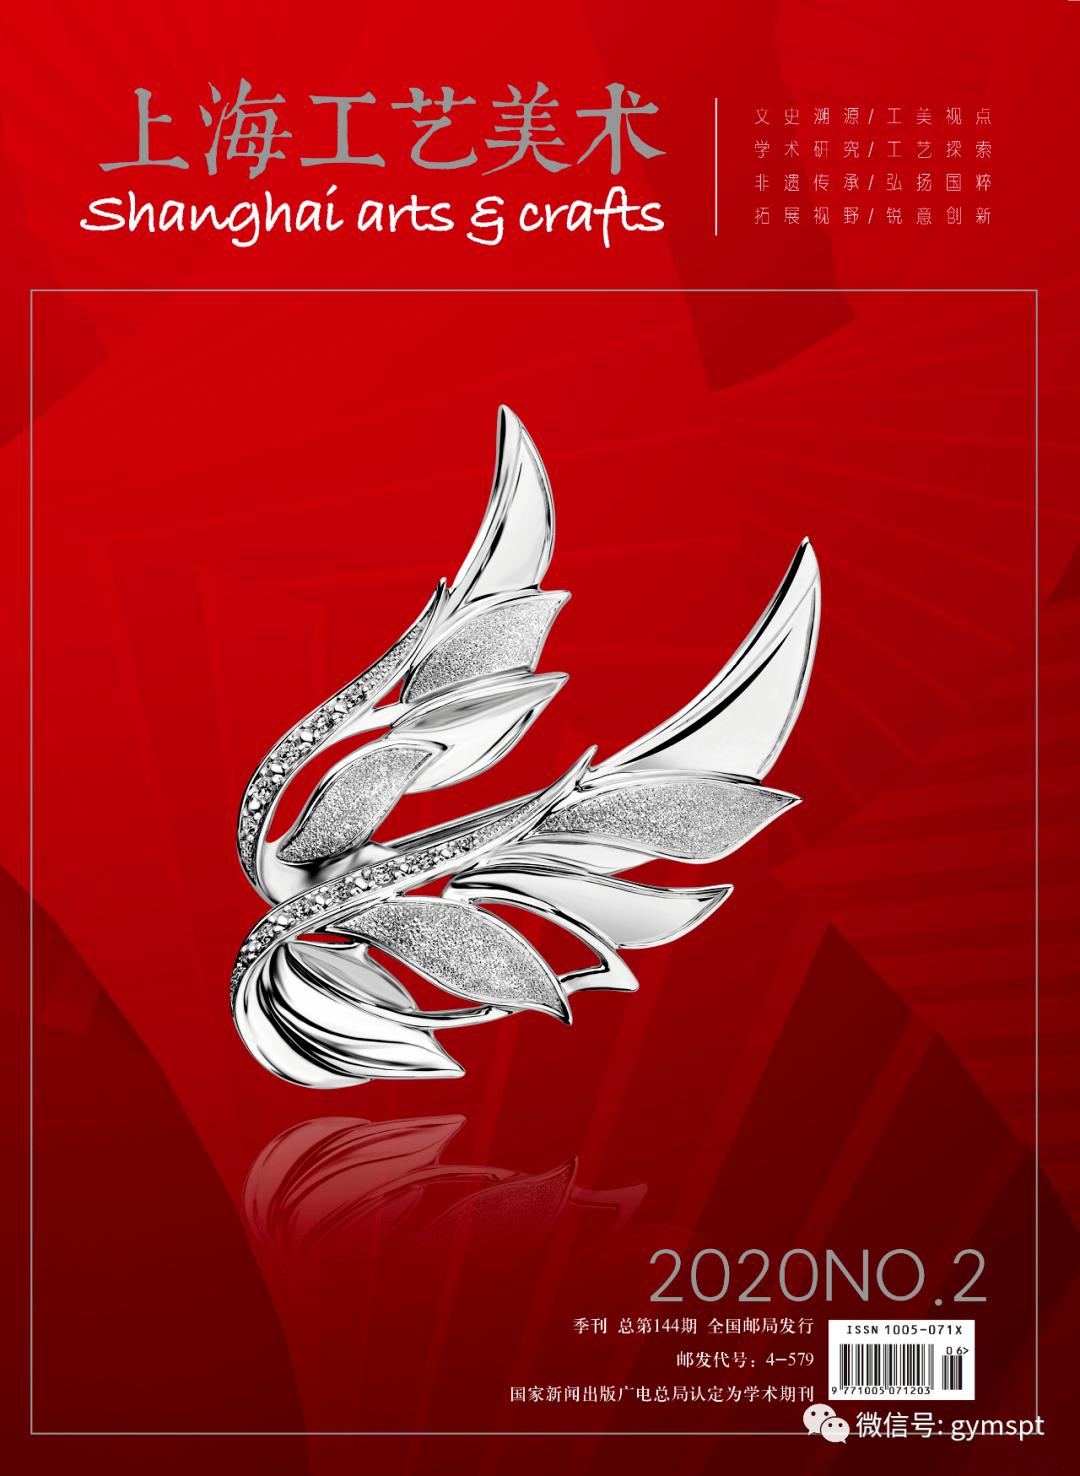 有奖投票||《上海工艺美术》杂志2020年度最具网络人气工艺佳作评选活动_时间